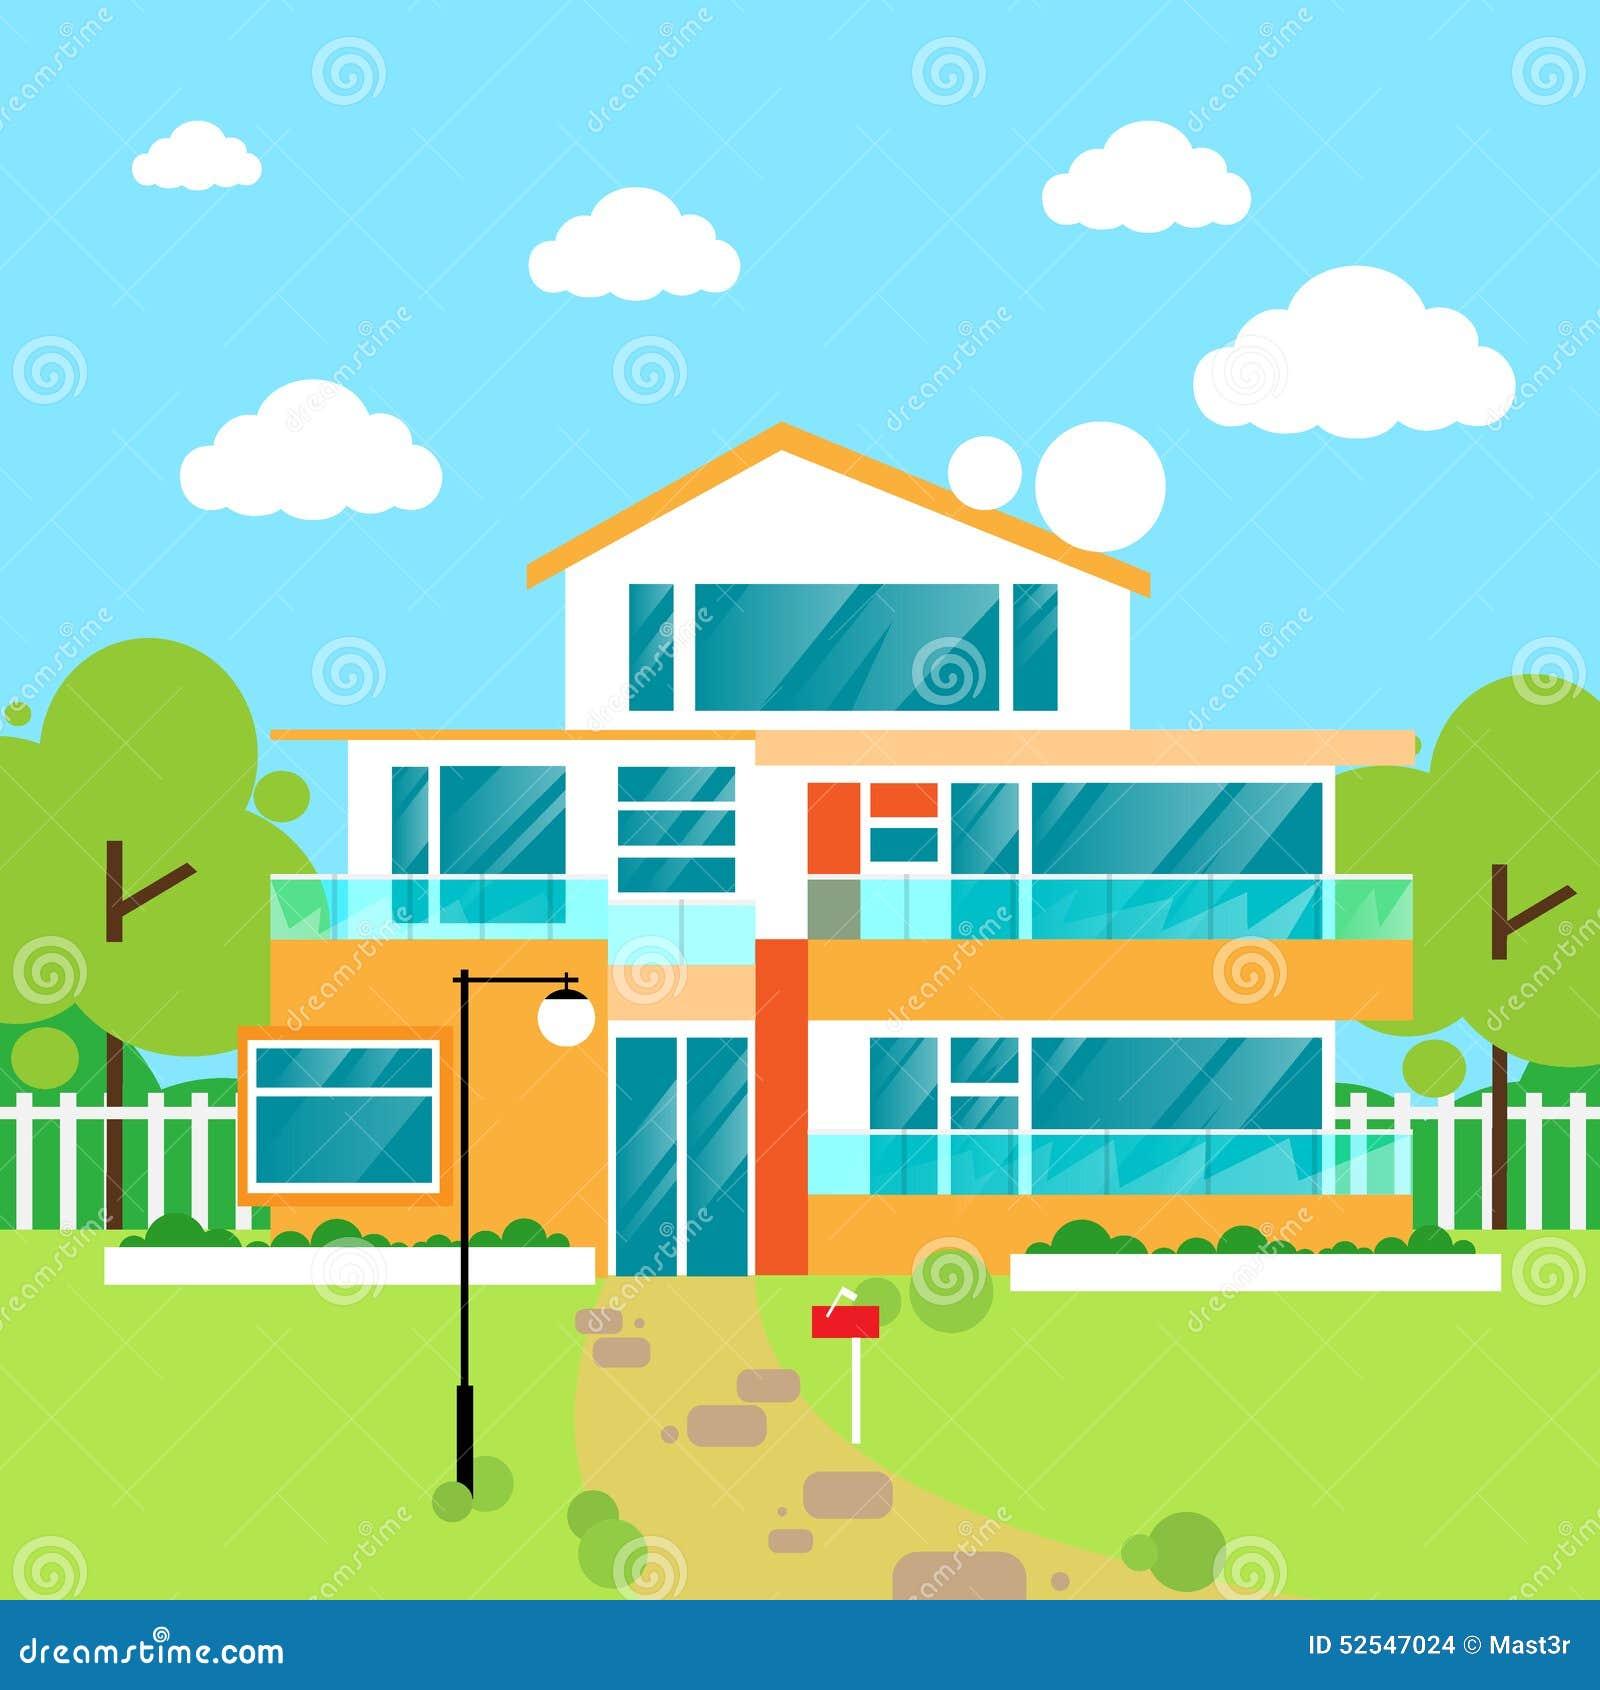 In House Graphic Design Jobs Leeds